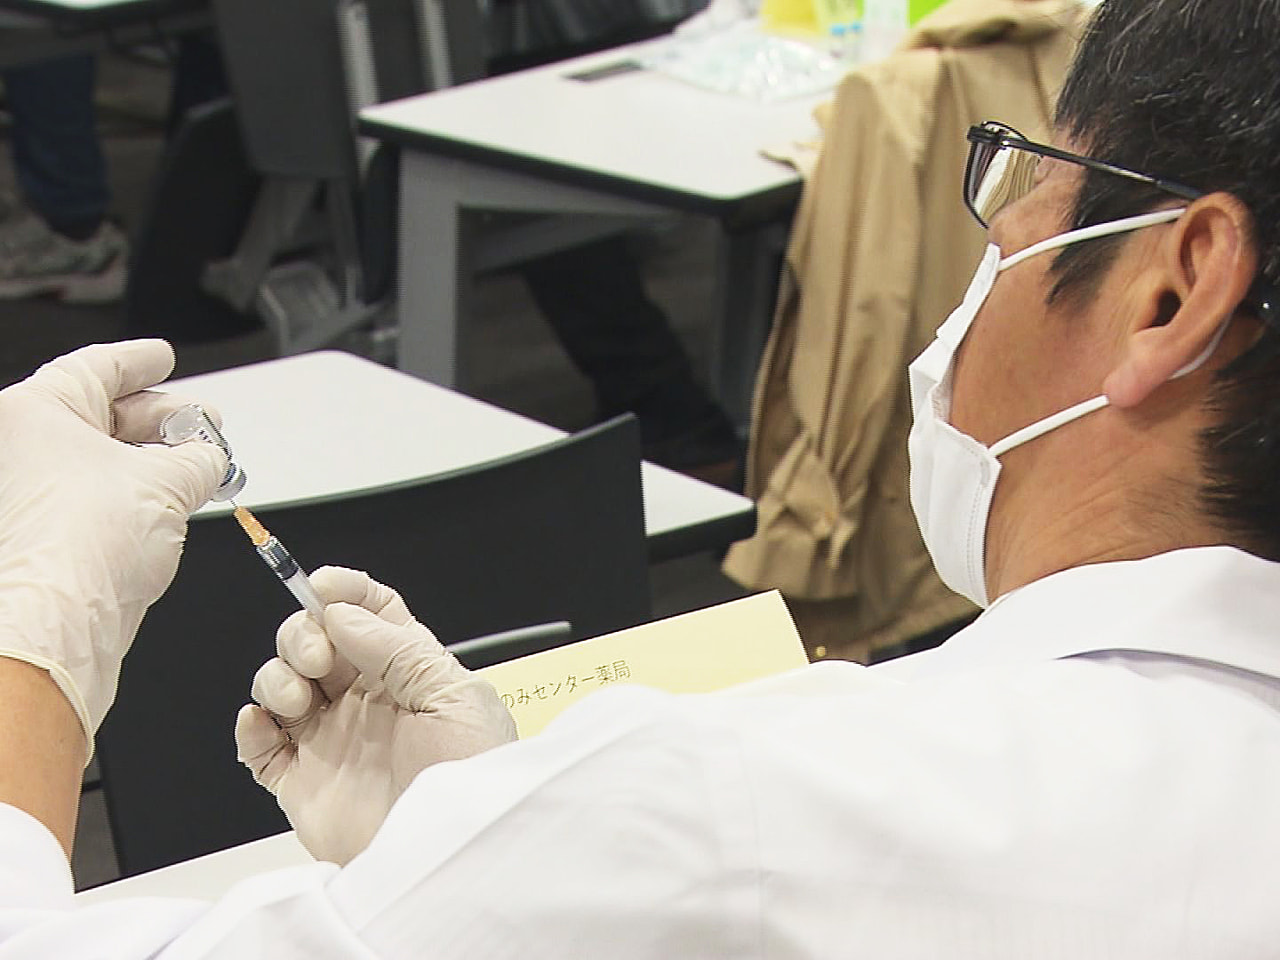 岐阜市の新型コロナウイルスワクチンの集団接種で、調剤して注射器に充てんする薬剤師...